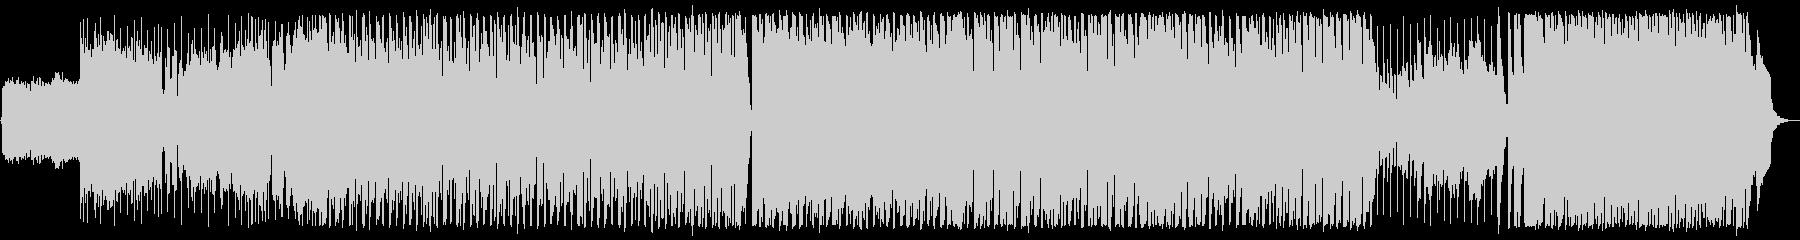 ラプソディ・イン・ブルー/ポップアレンジの未再生の波形